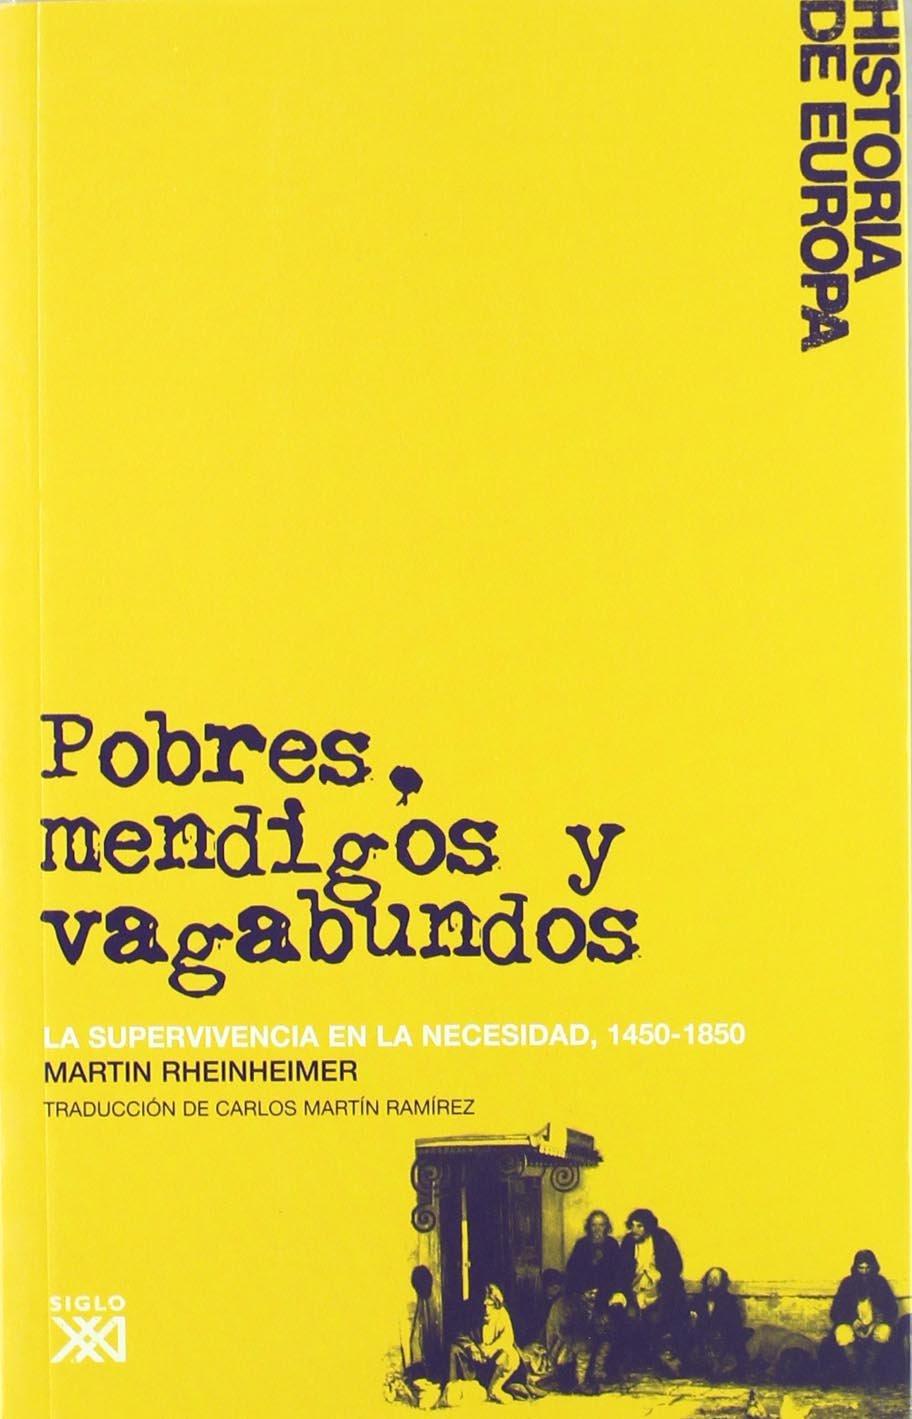 Pobres, mendigos y vagabundos: La supervivencia en la necesidad, 1450-1850 Historia de Europa: Amazon.es: Rheinheimer, Martin, Martín Ramírez, Carlos: Libros